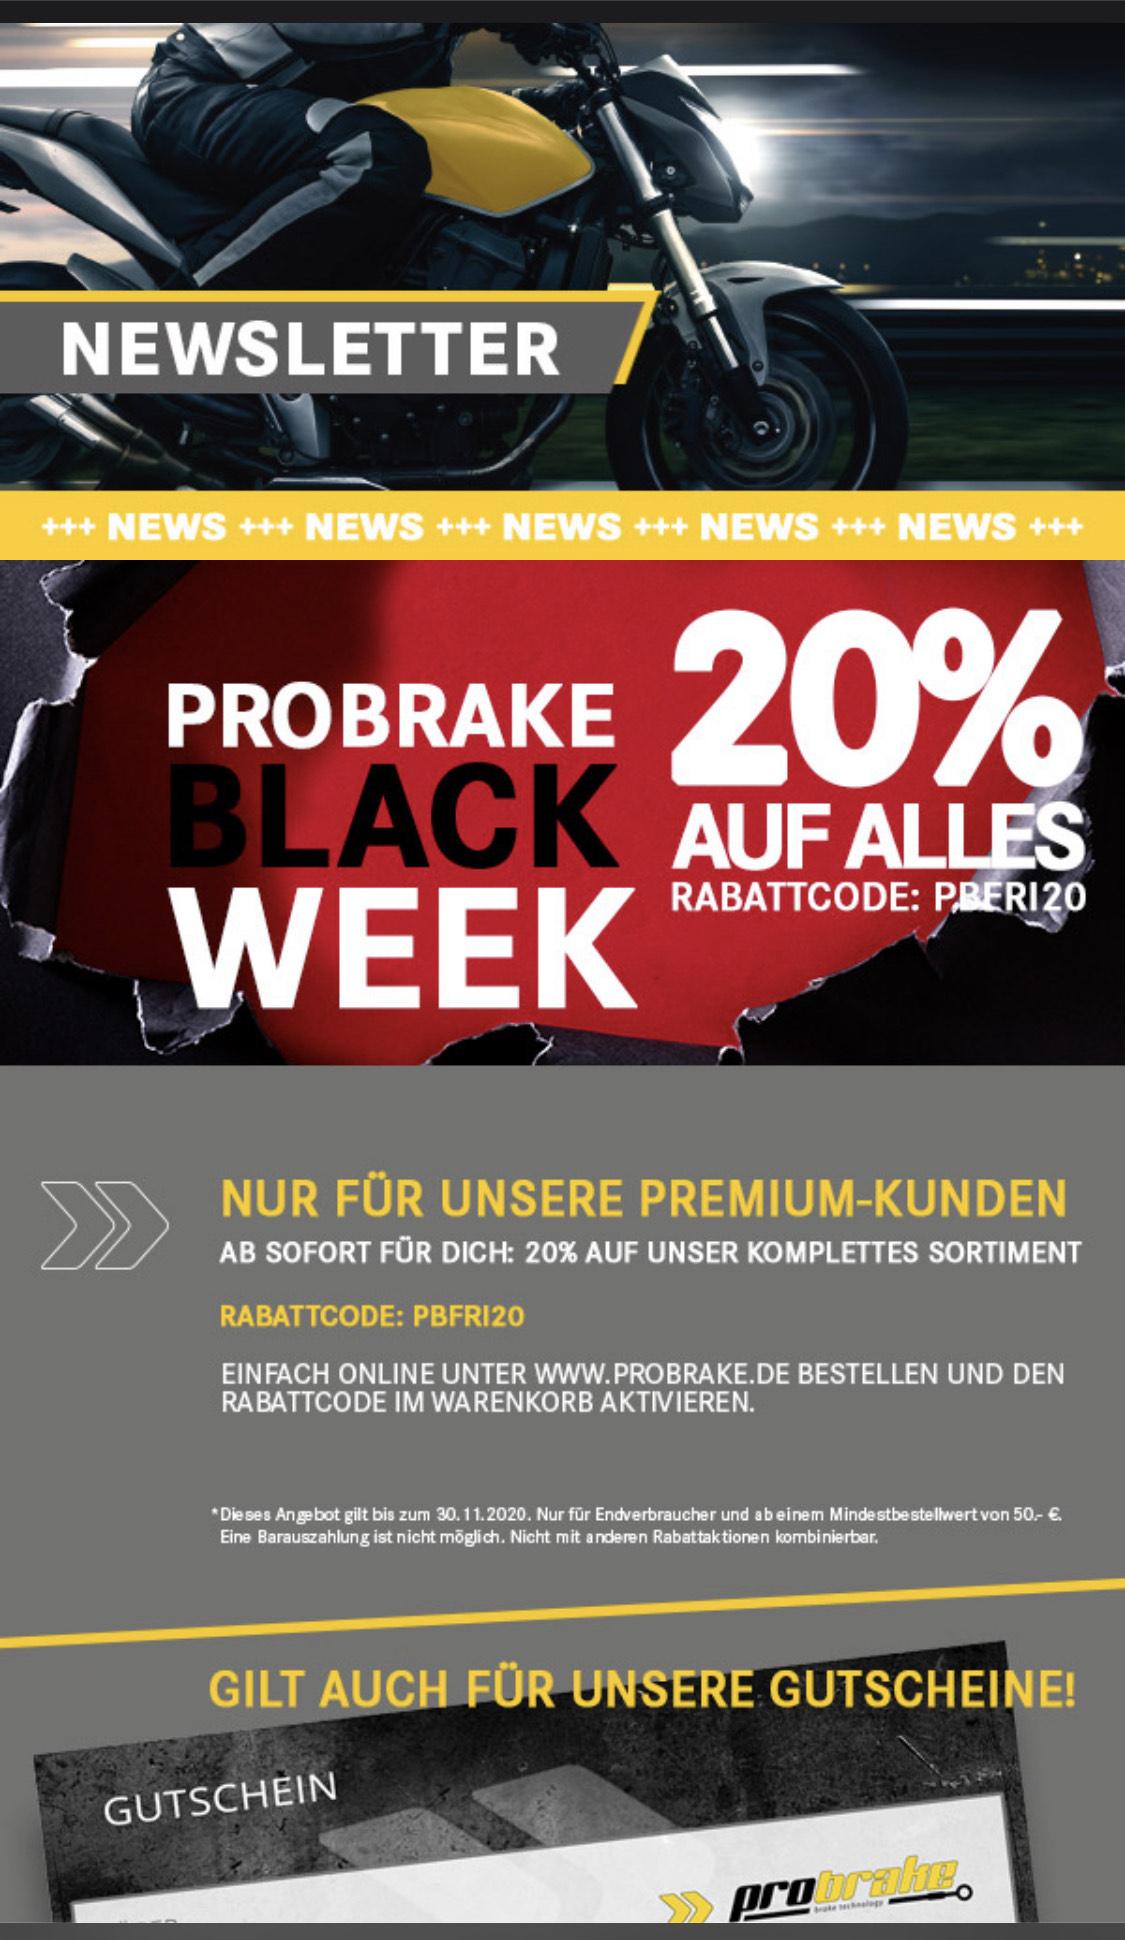 ProBrake Gutschein 20%